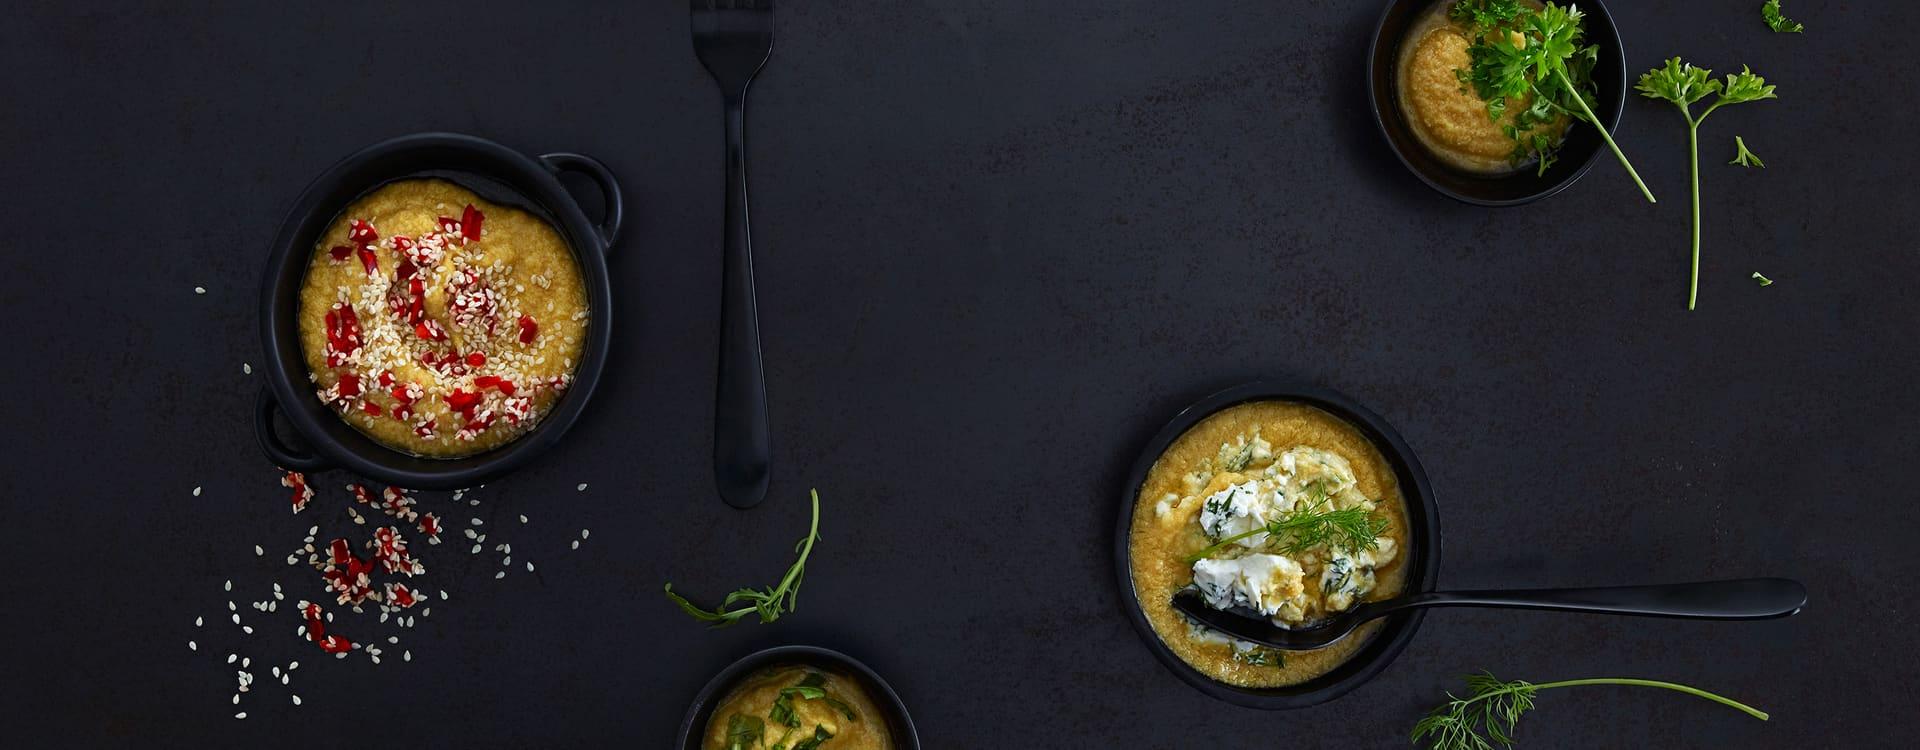 Hummus med mascarpone og dill